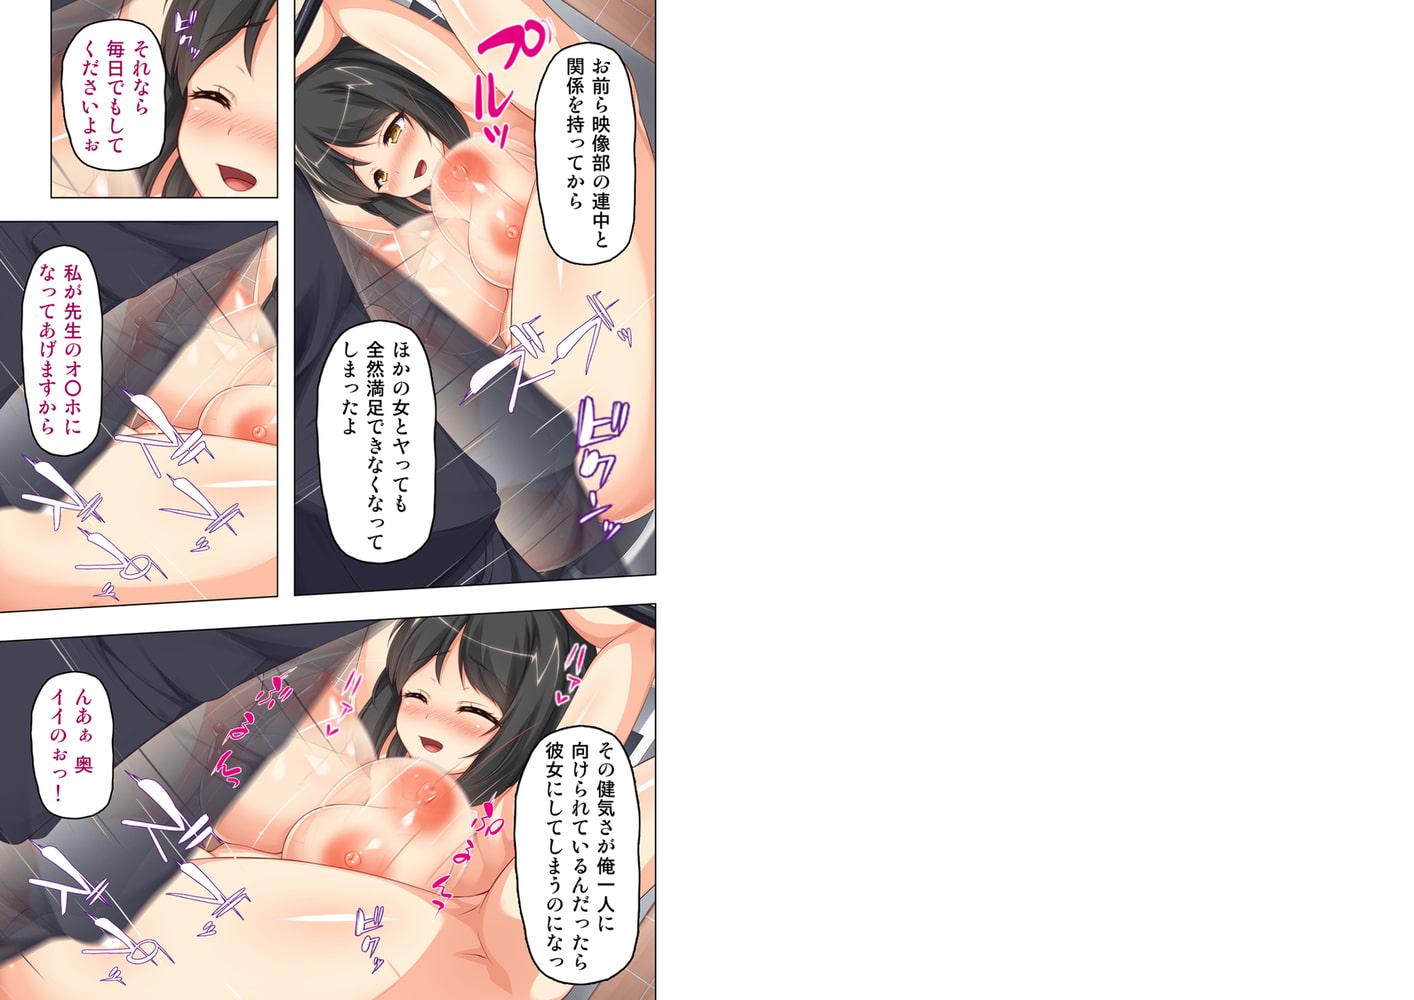 ビッチがエッチな動画配信(5)